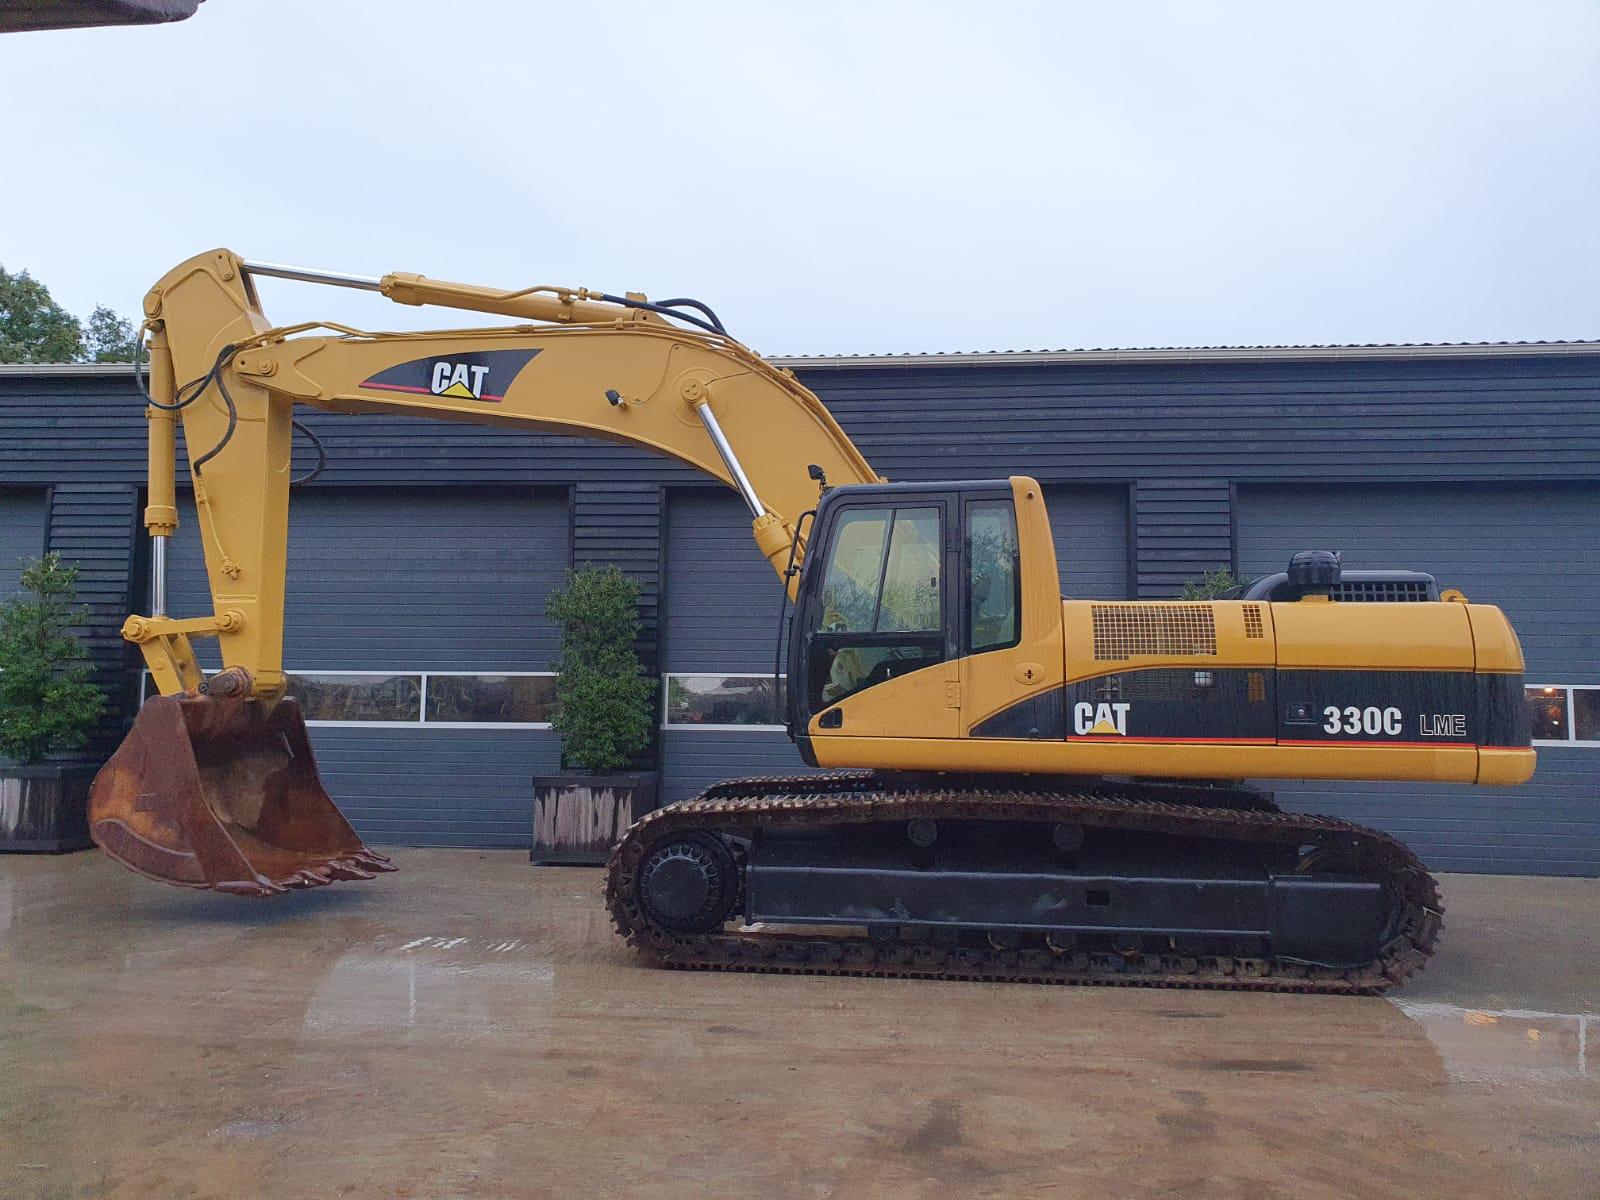 Caterpillar 330C Track excavator